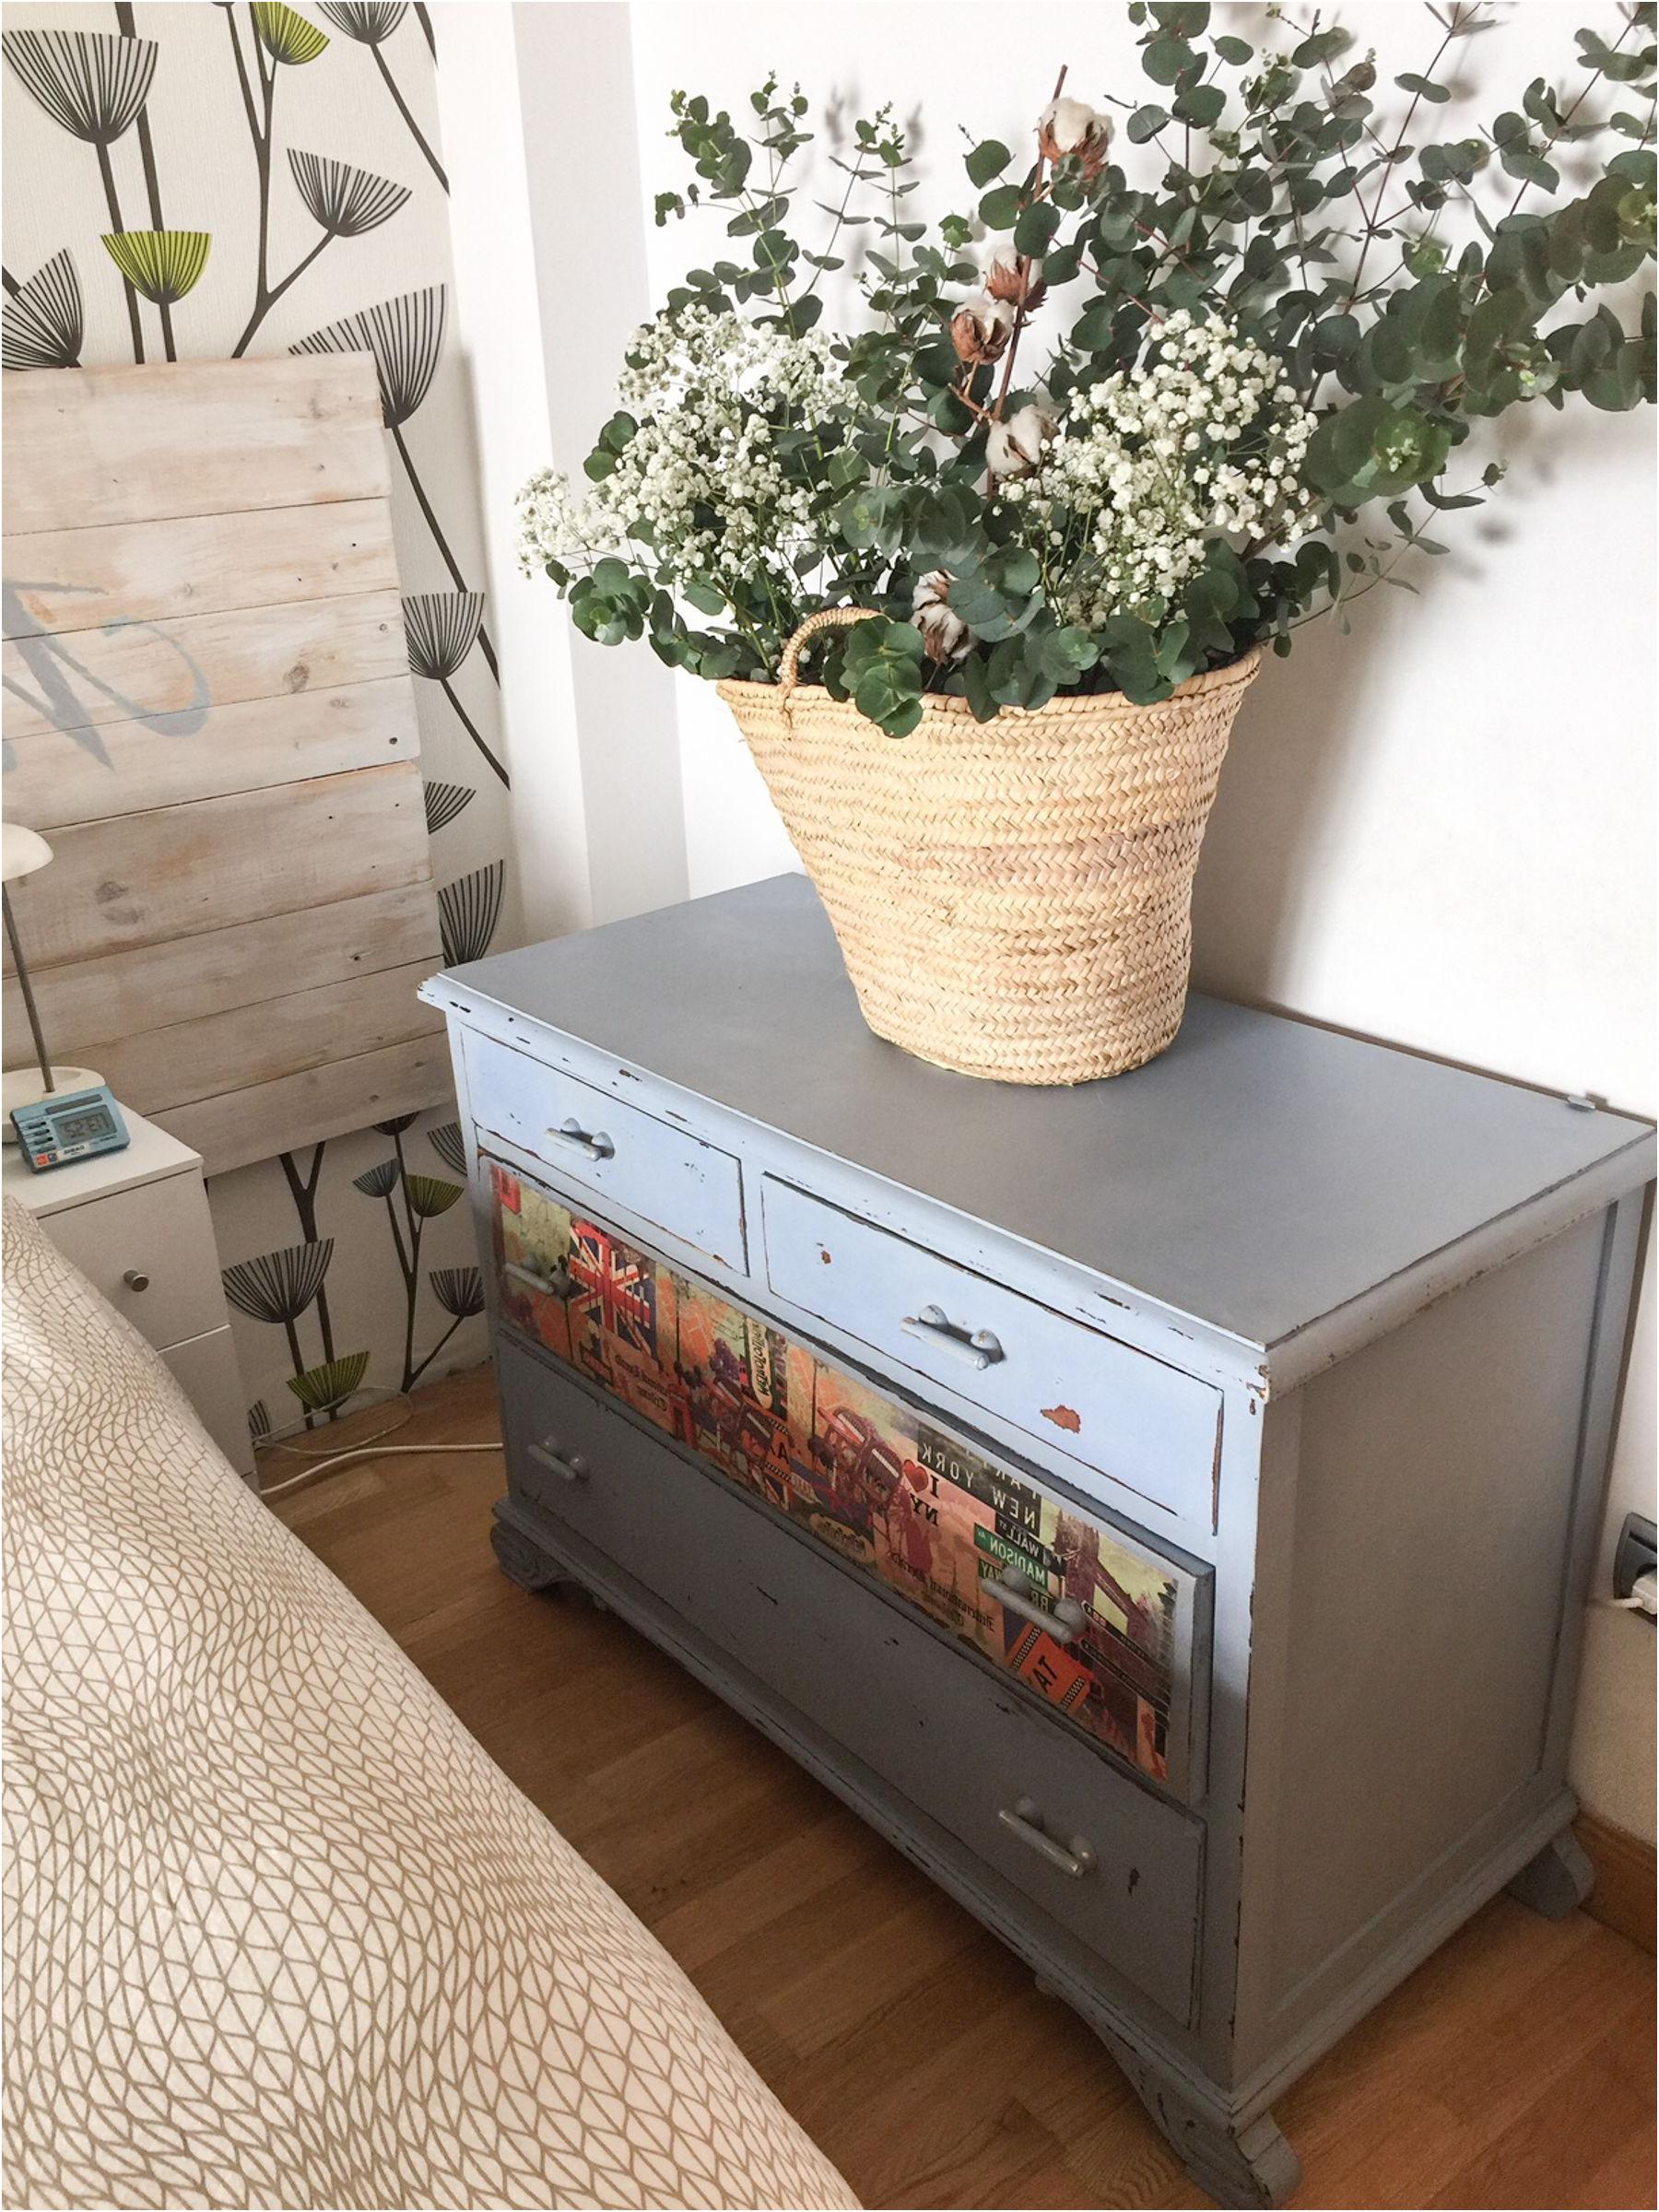 Muebles Vintage Outlet Xtd6 Muebles Vintage Outlet à Nico Aparador Vintage Romeo En Dec Shop